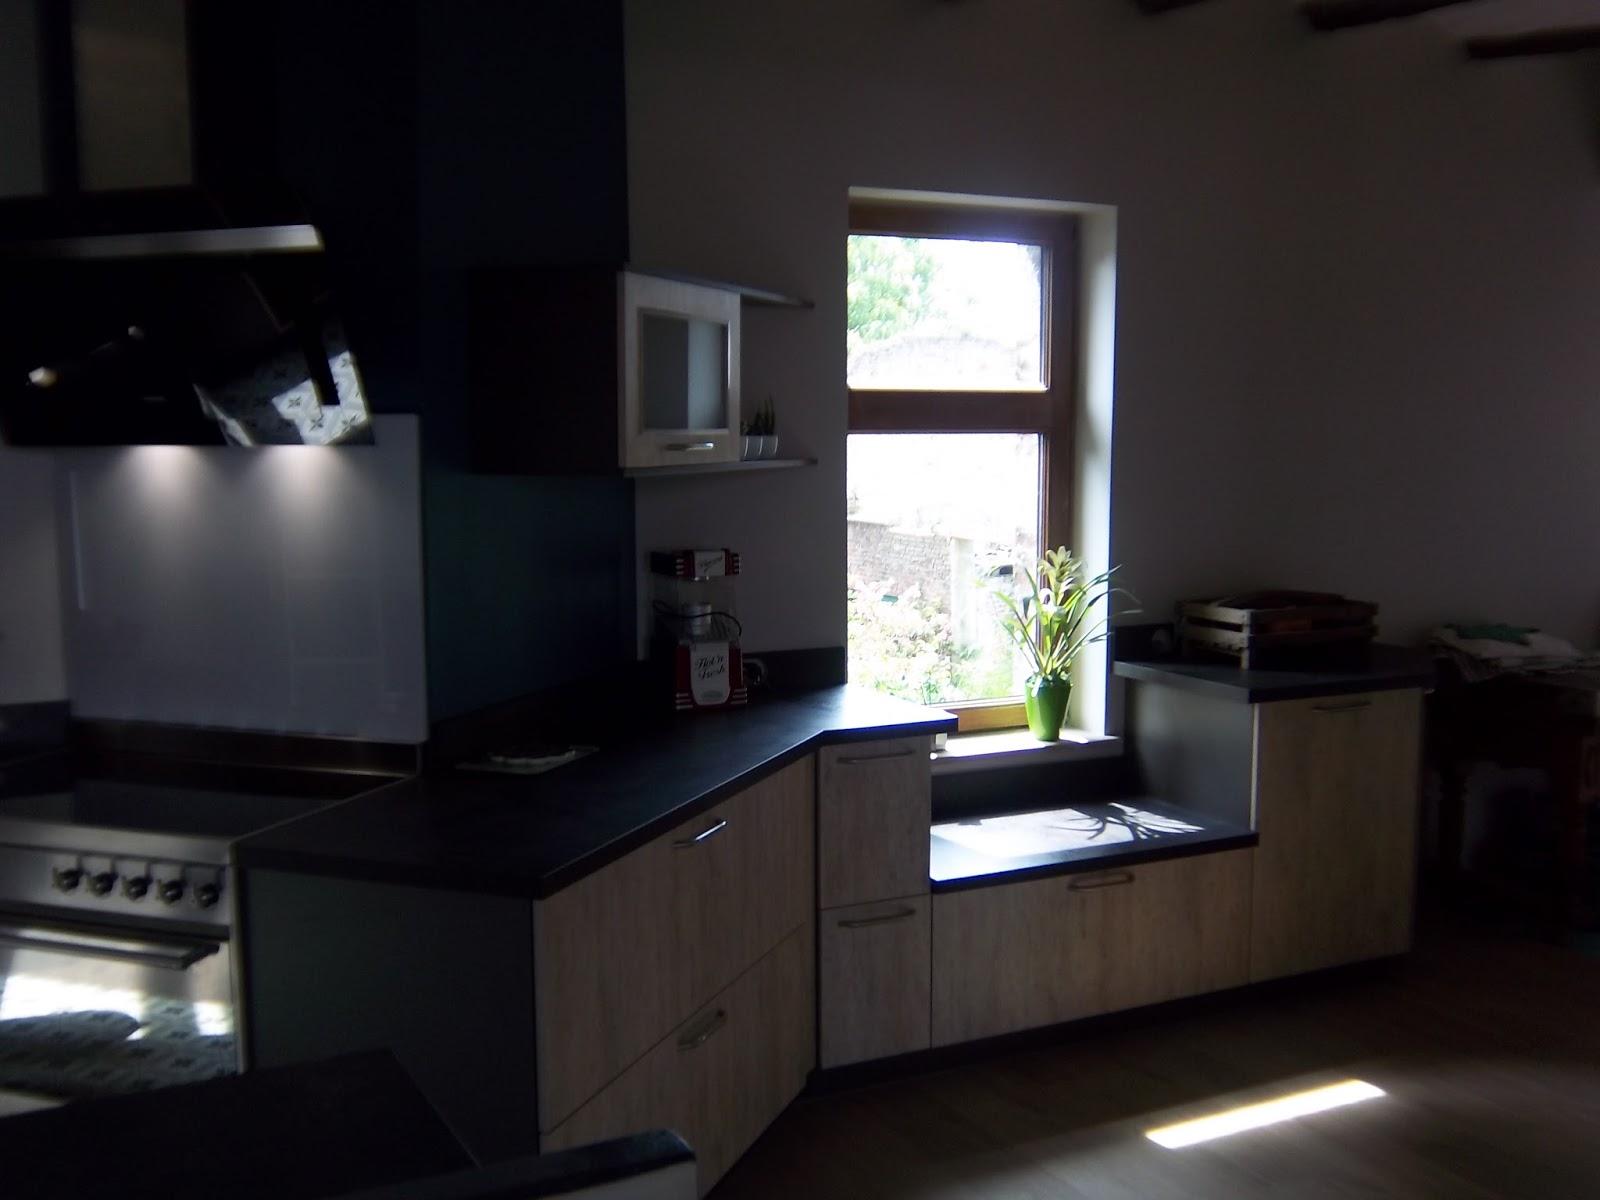 Cuisine esprit industriel for Refection salle de bain